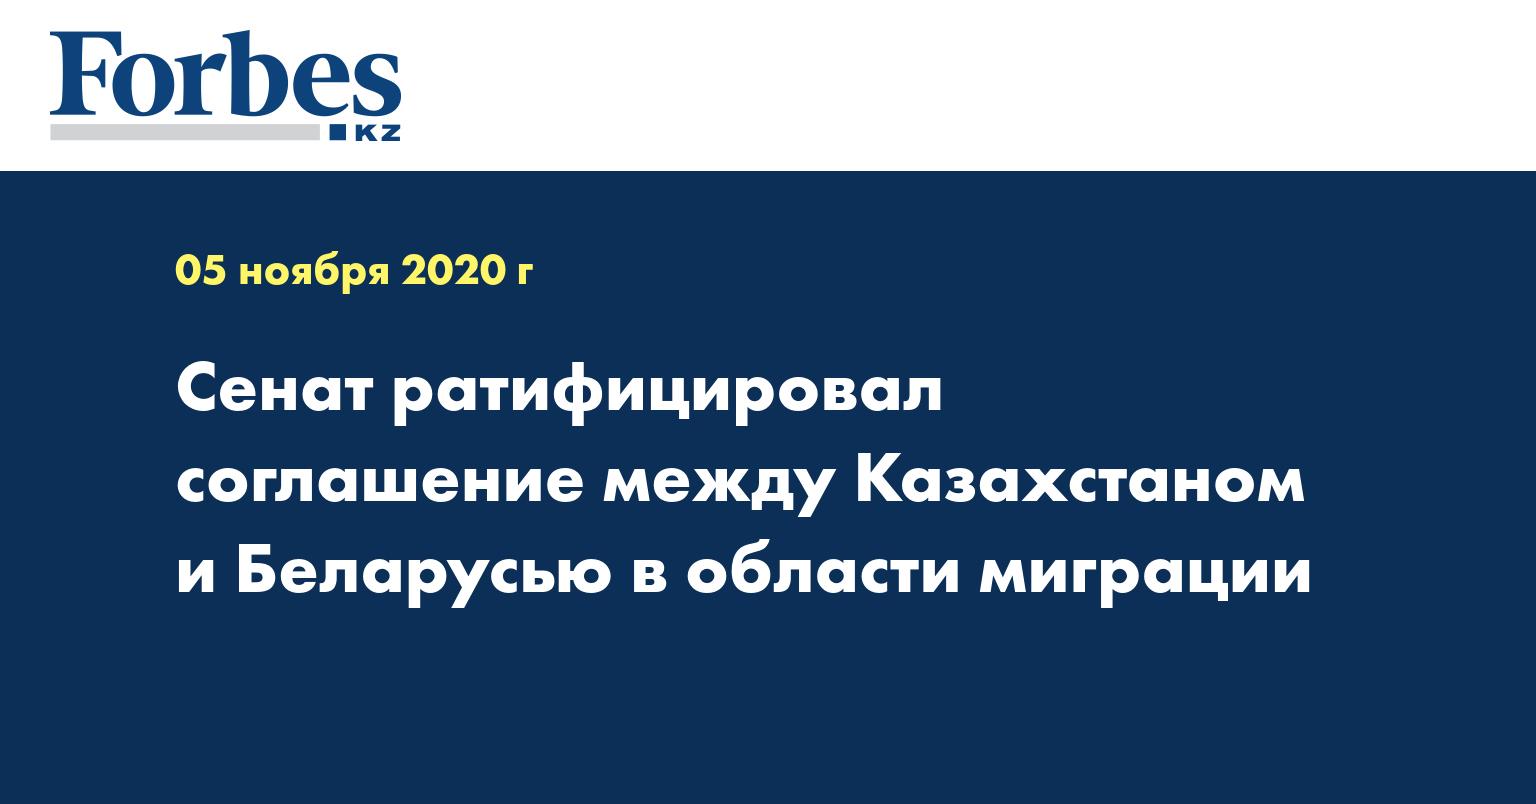 Сенат ратифицировал соглашение между Казахстаном и Беларусью в области миграции